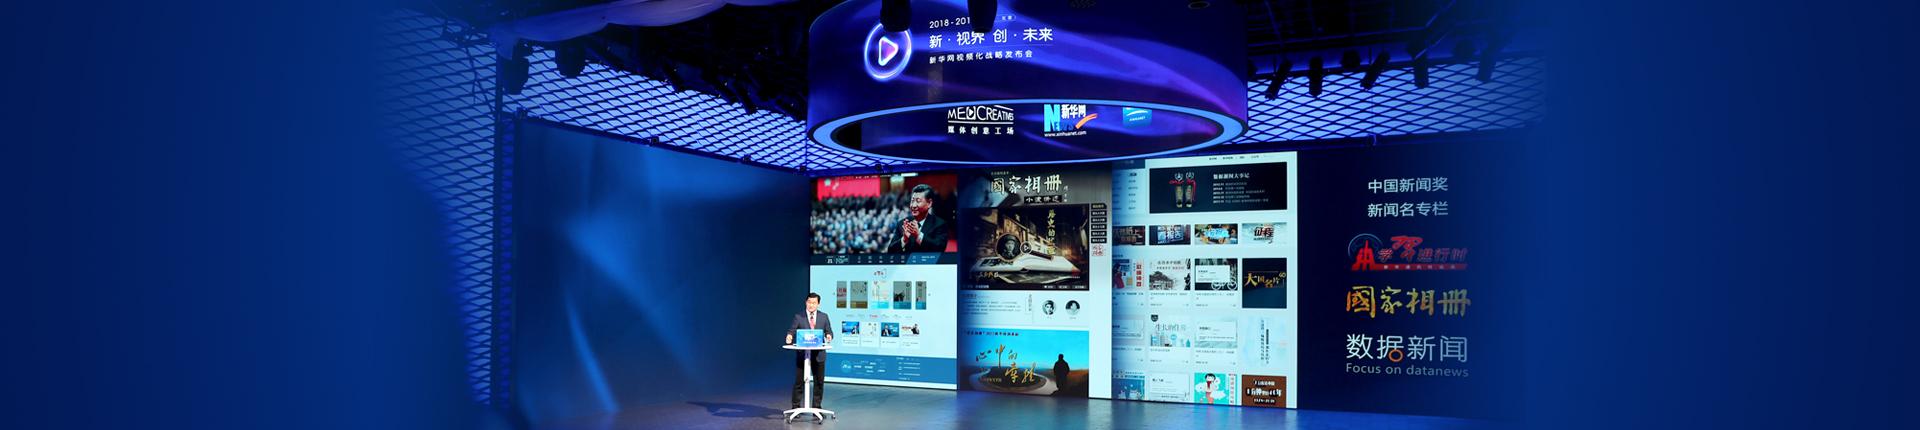 新華網發布視頻化戰略 構建內容新生態戰略支點